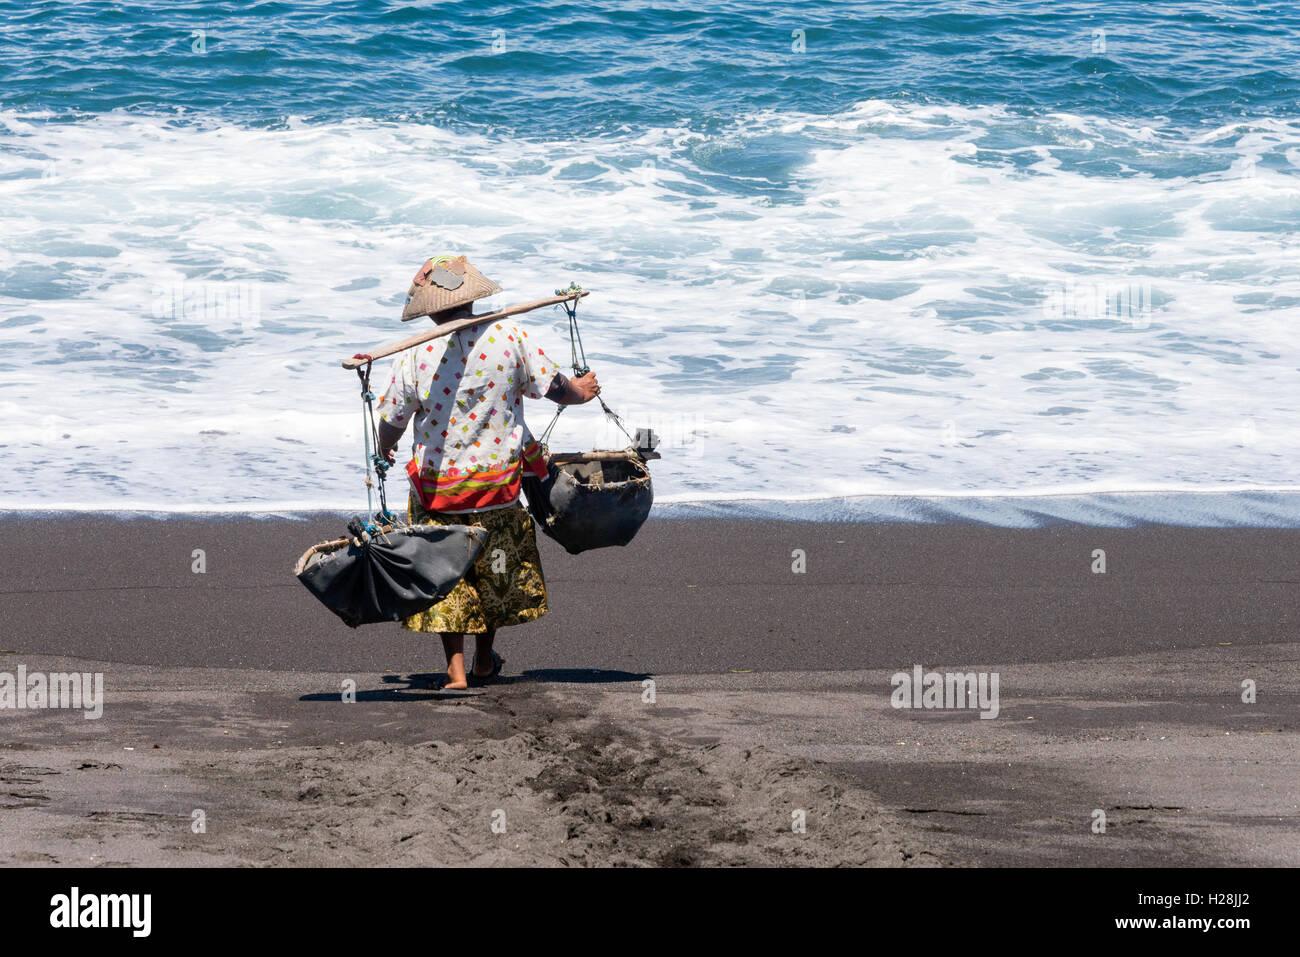 Femme transportant un-teku teku pour recueillir l'eau de mer qui, plus tard, sera projeté sur le sable Photo Stock